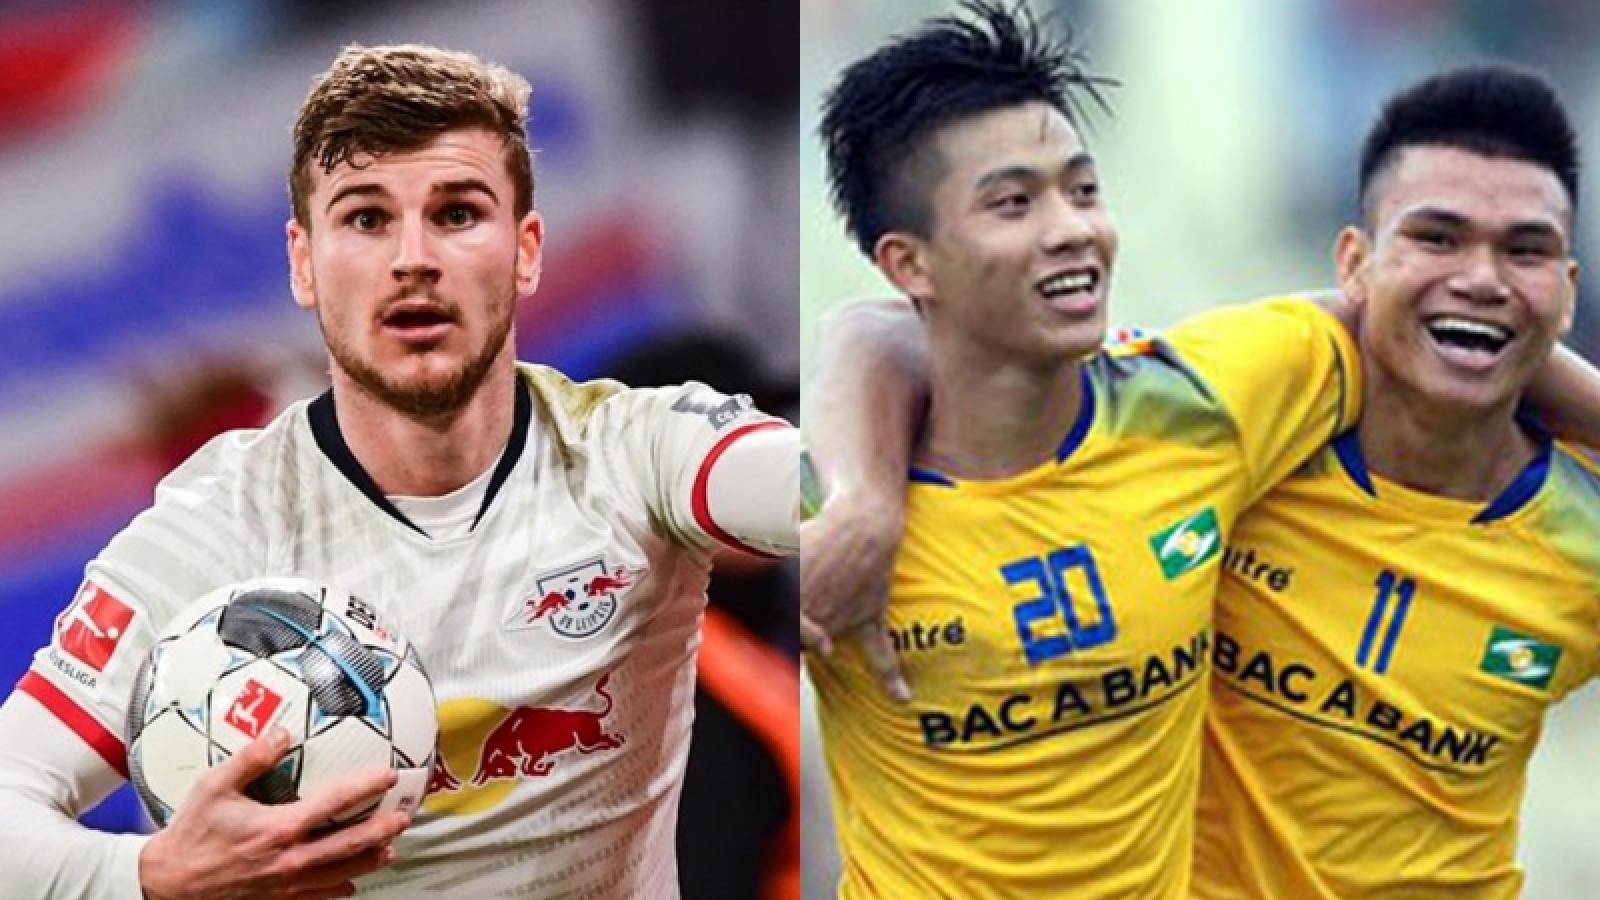 Lịch thi đấu bóng đá hôm nay (24/5): SLNA tiếp đón Bình Định